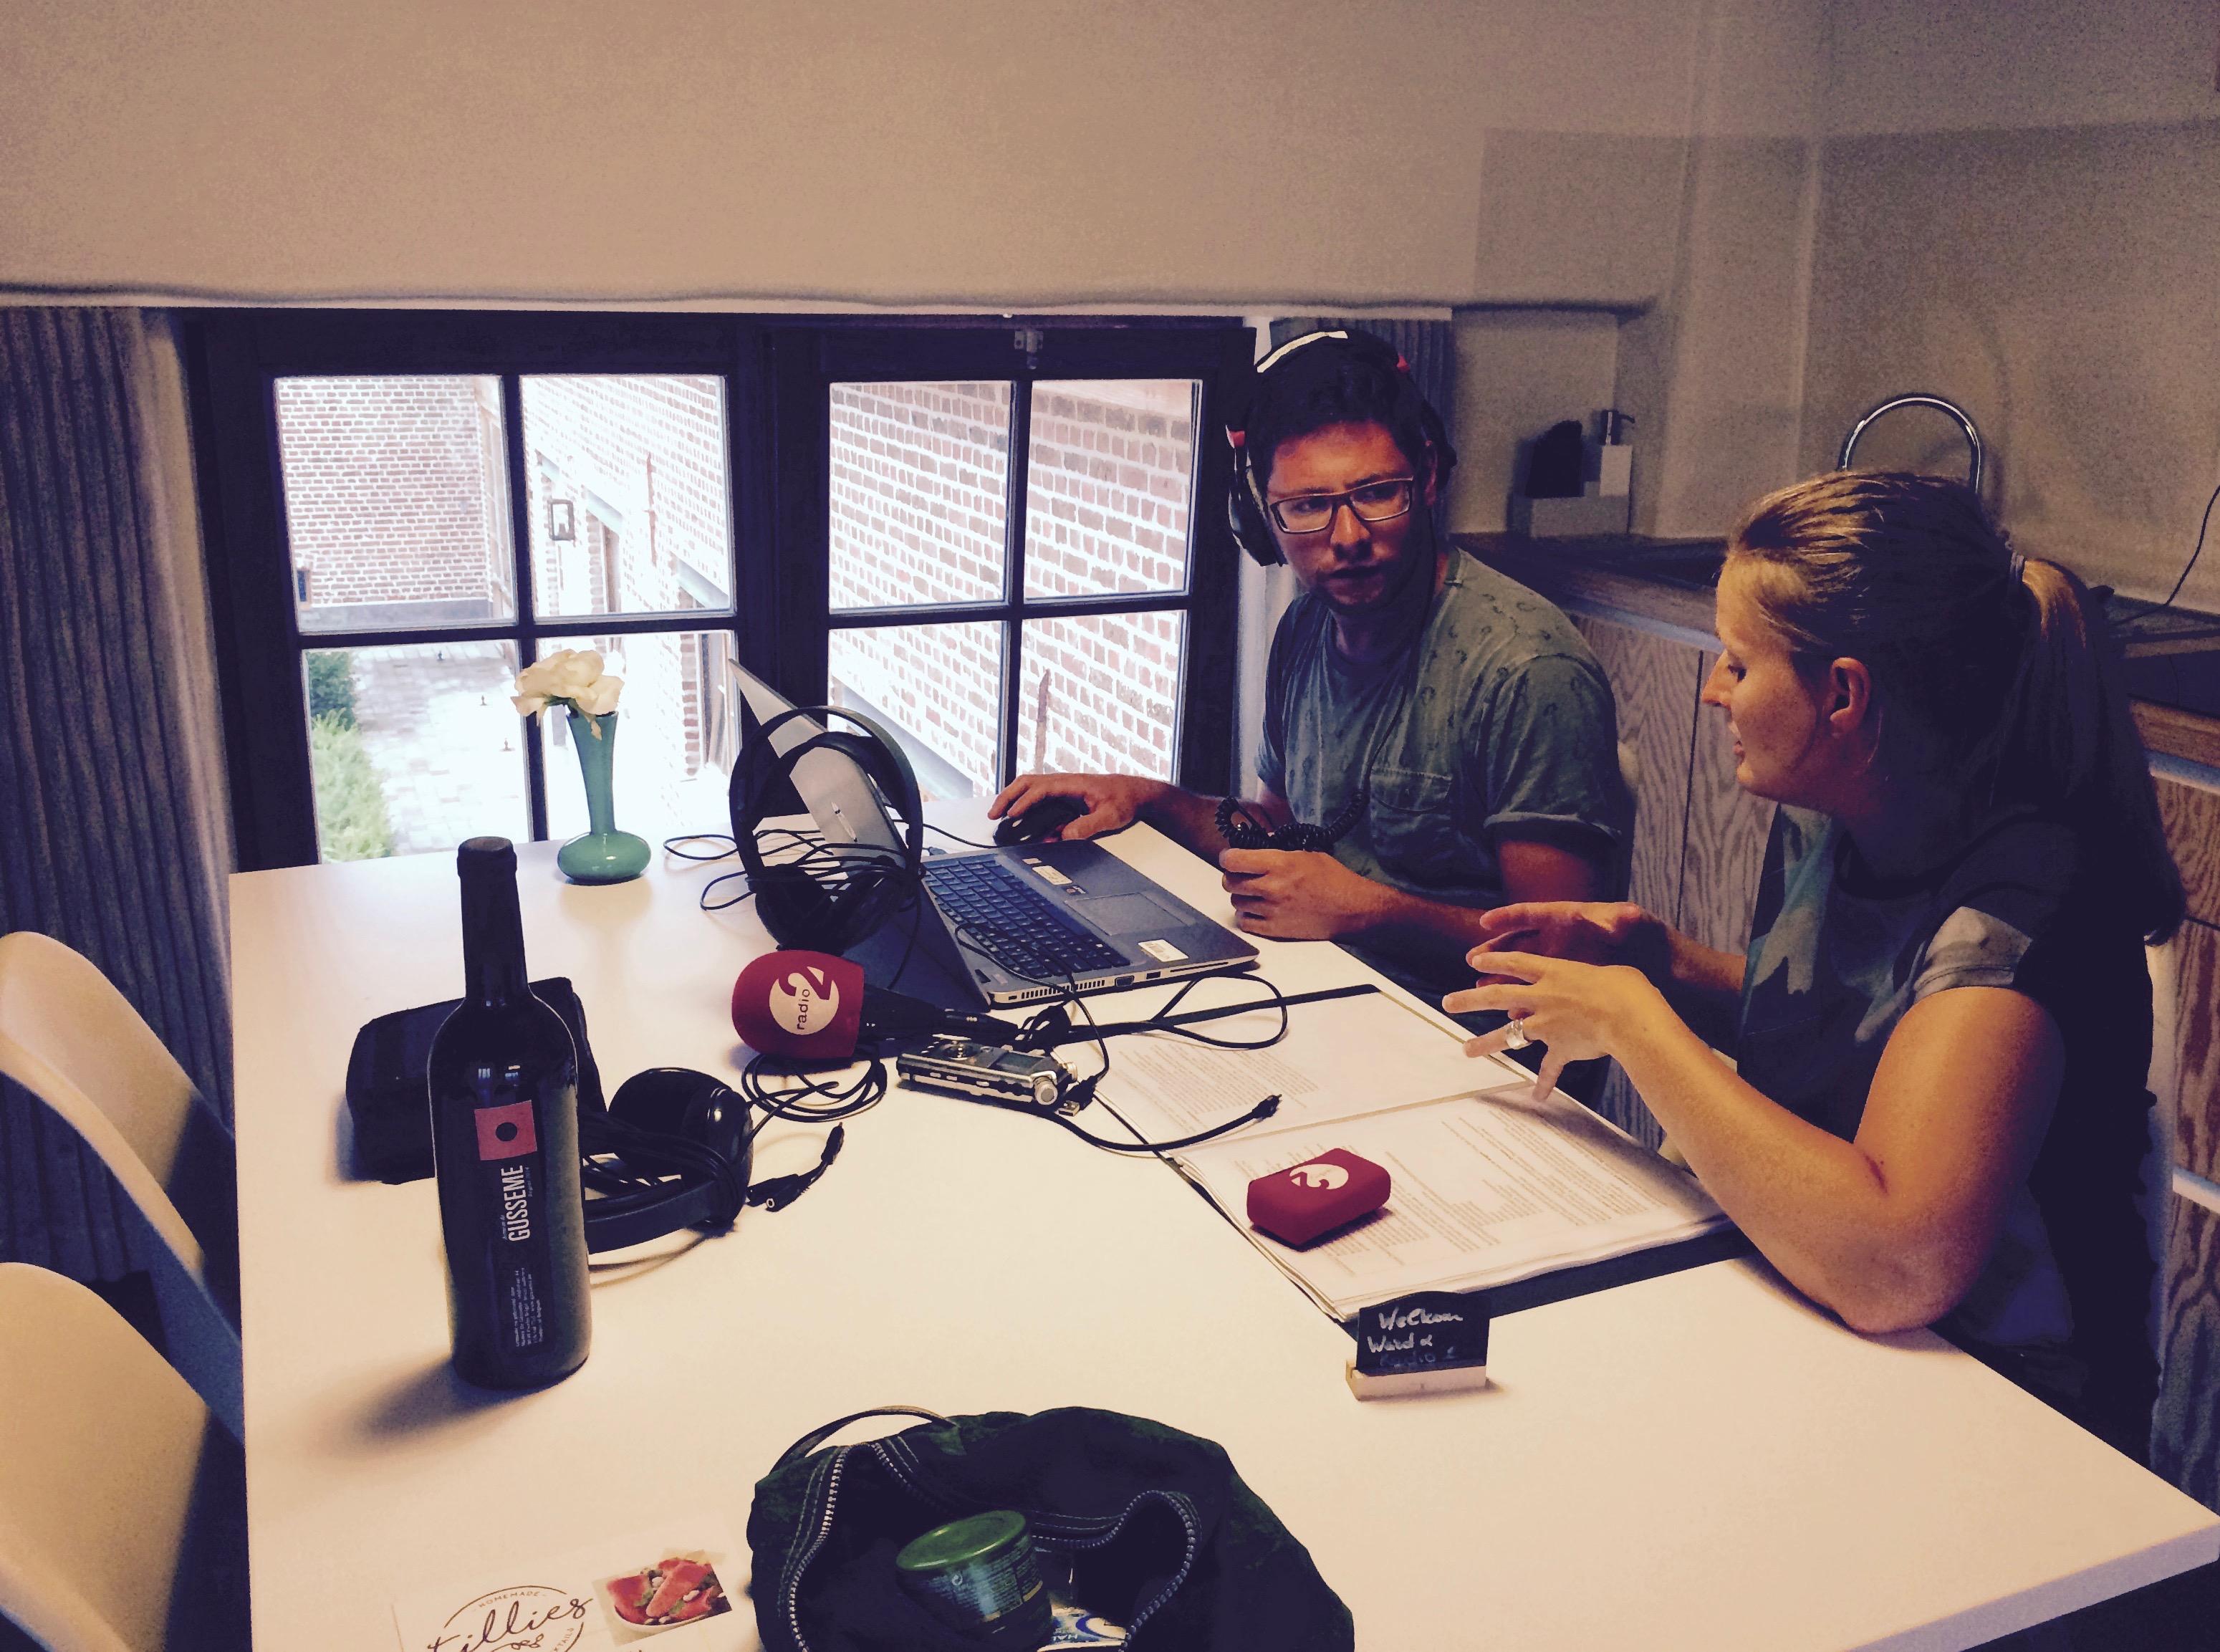 Radio 2 bezoekt Herzele voor Thuis voor een beeld. Zo slaapt reporter Ward een nachtje in Eyndevelde